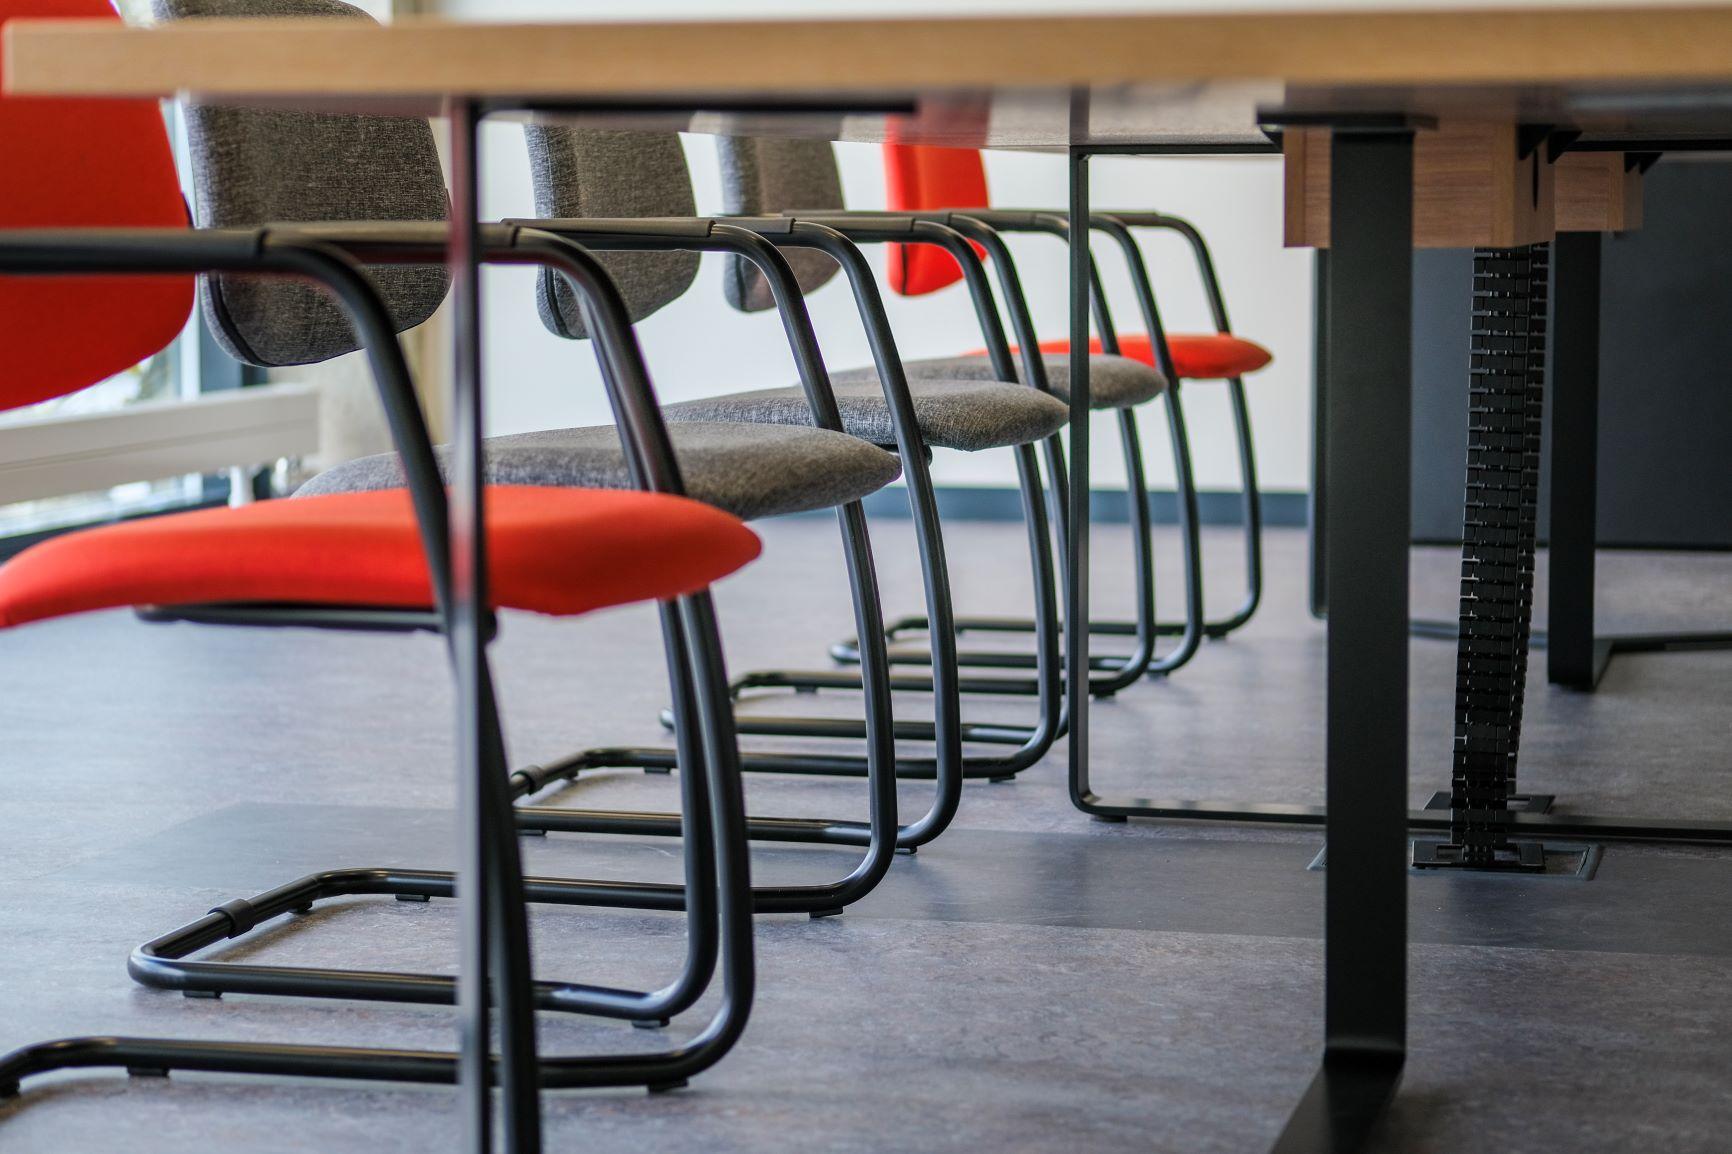 Konferenču krēslu šūprāmis un galda rāmis